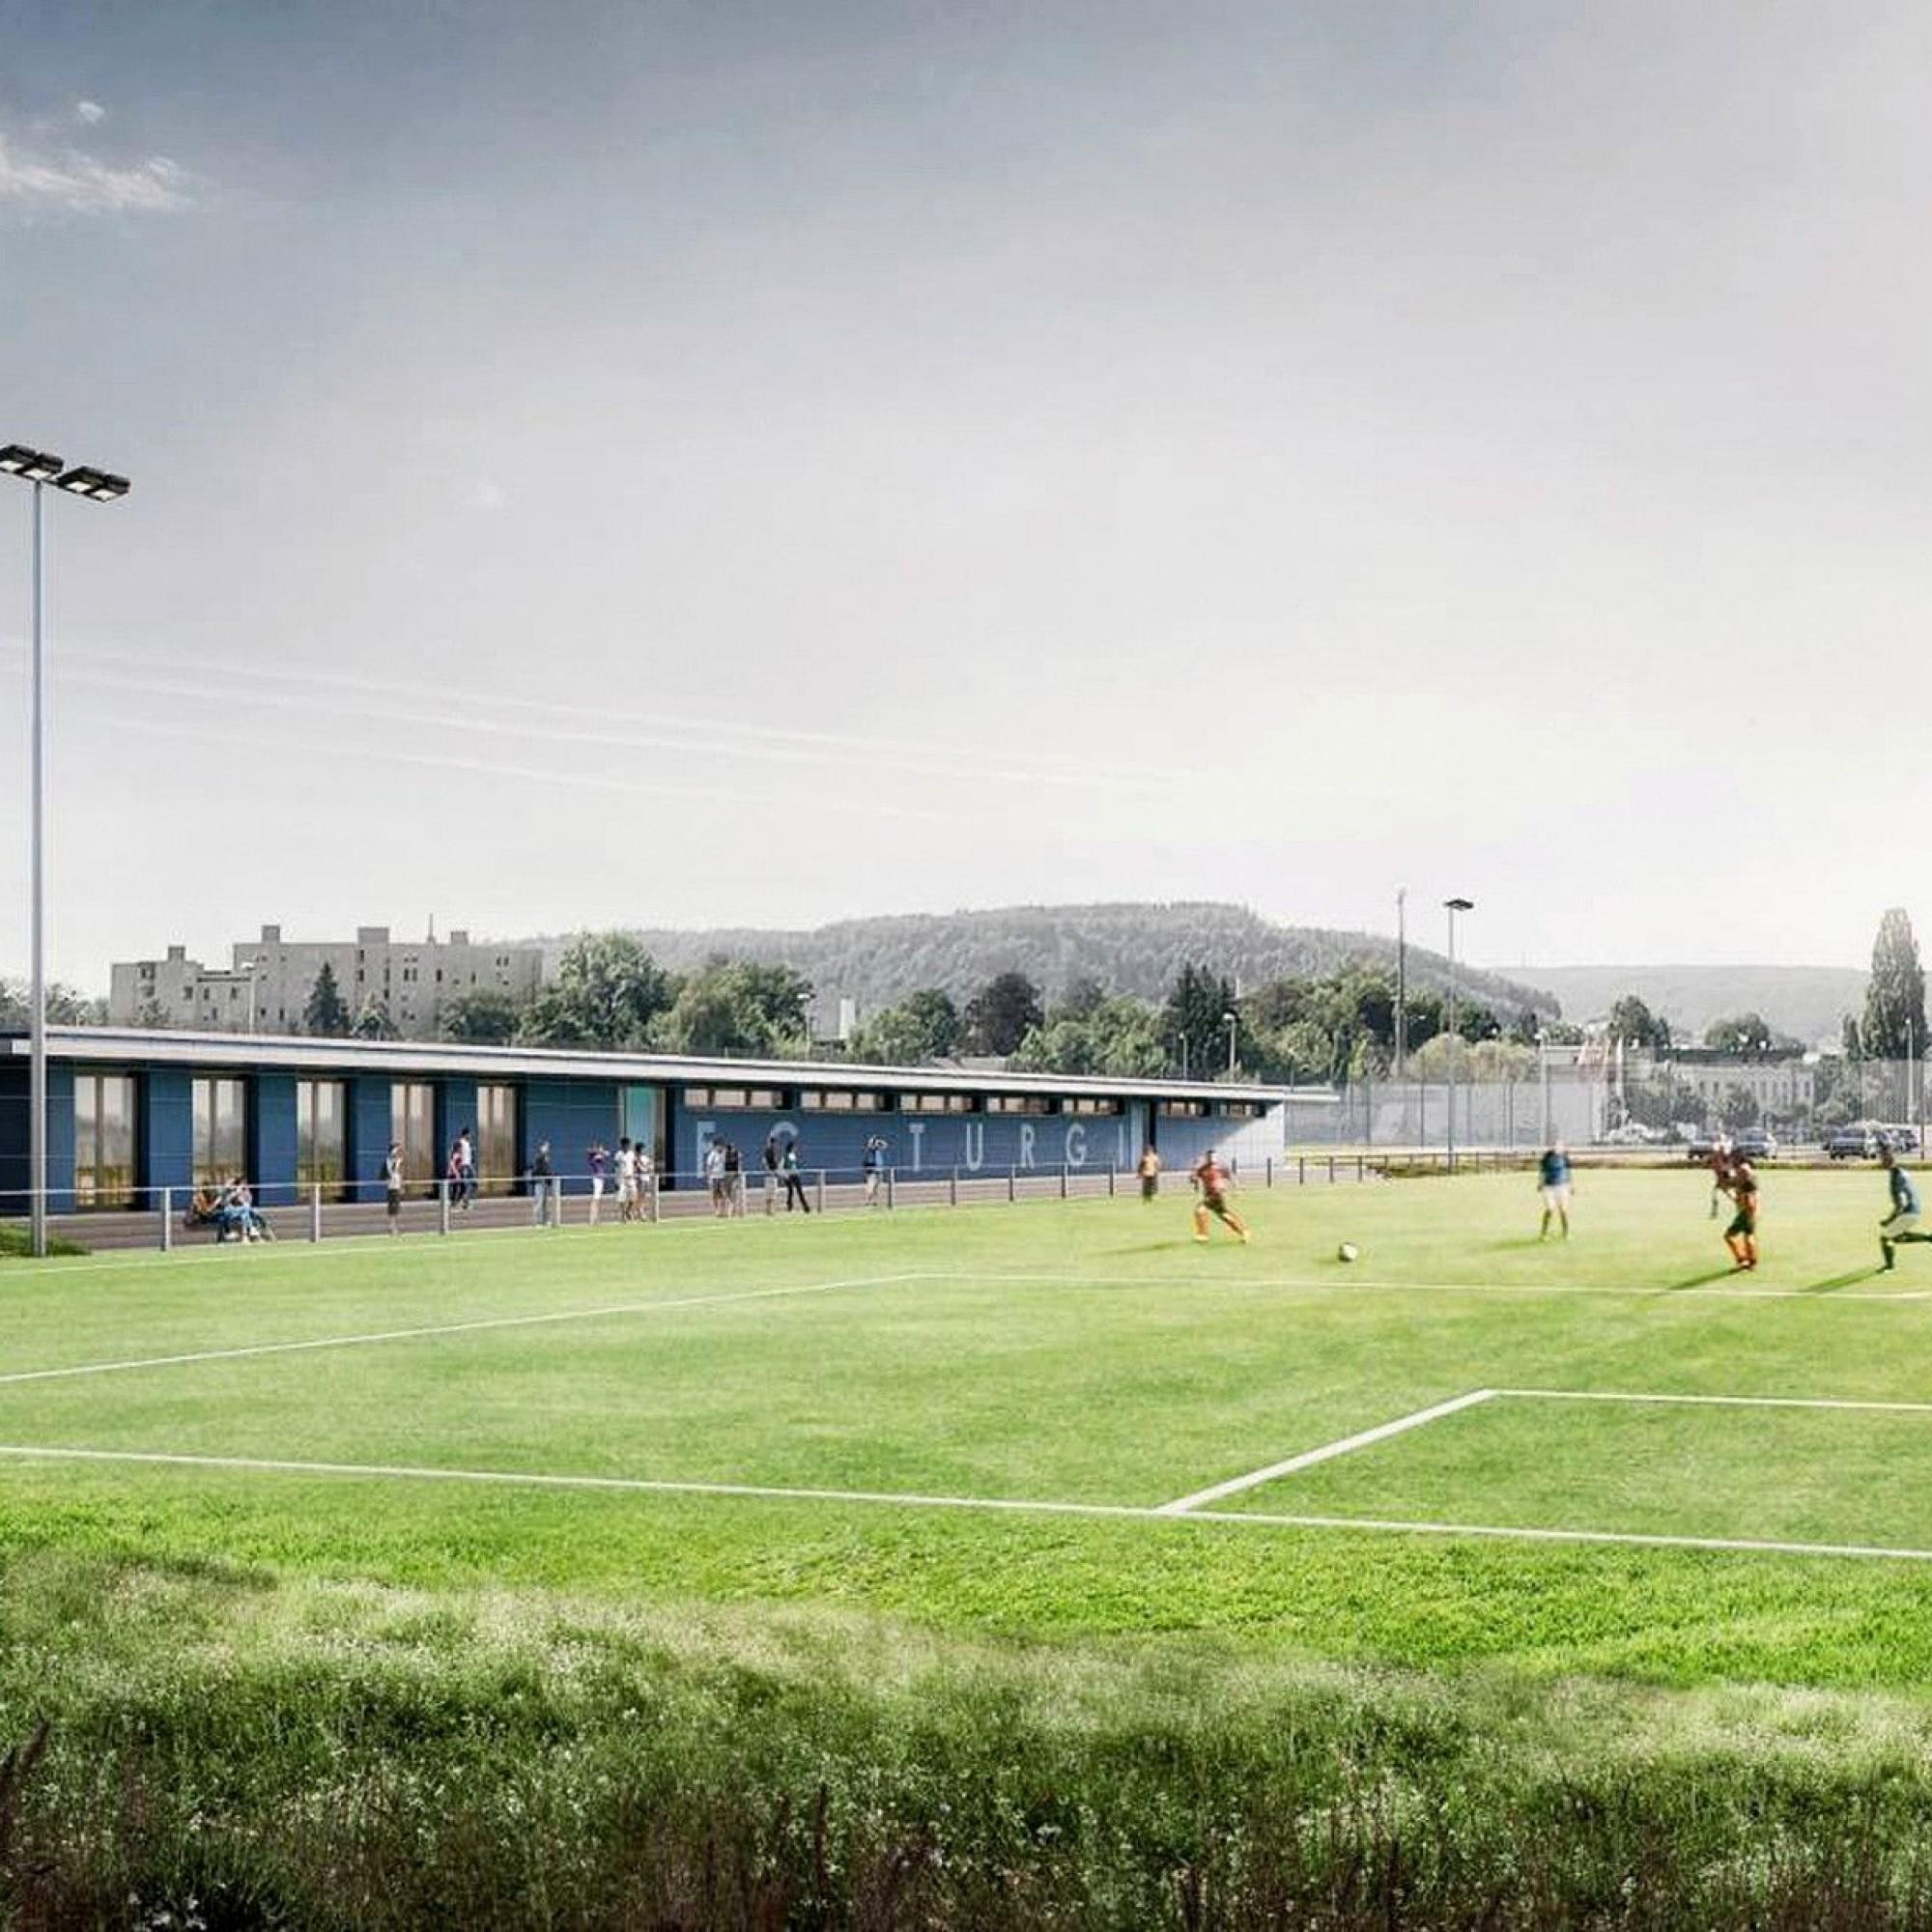 Visualisierung des neuen Sportplatzes des FC Turgi